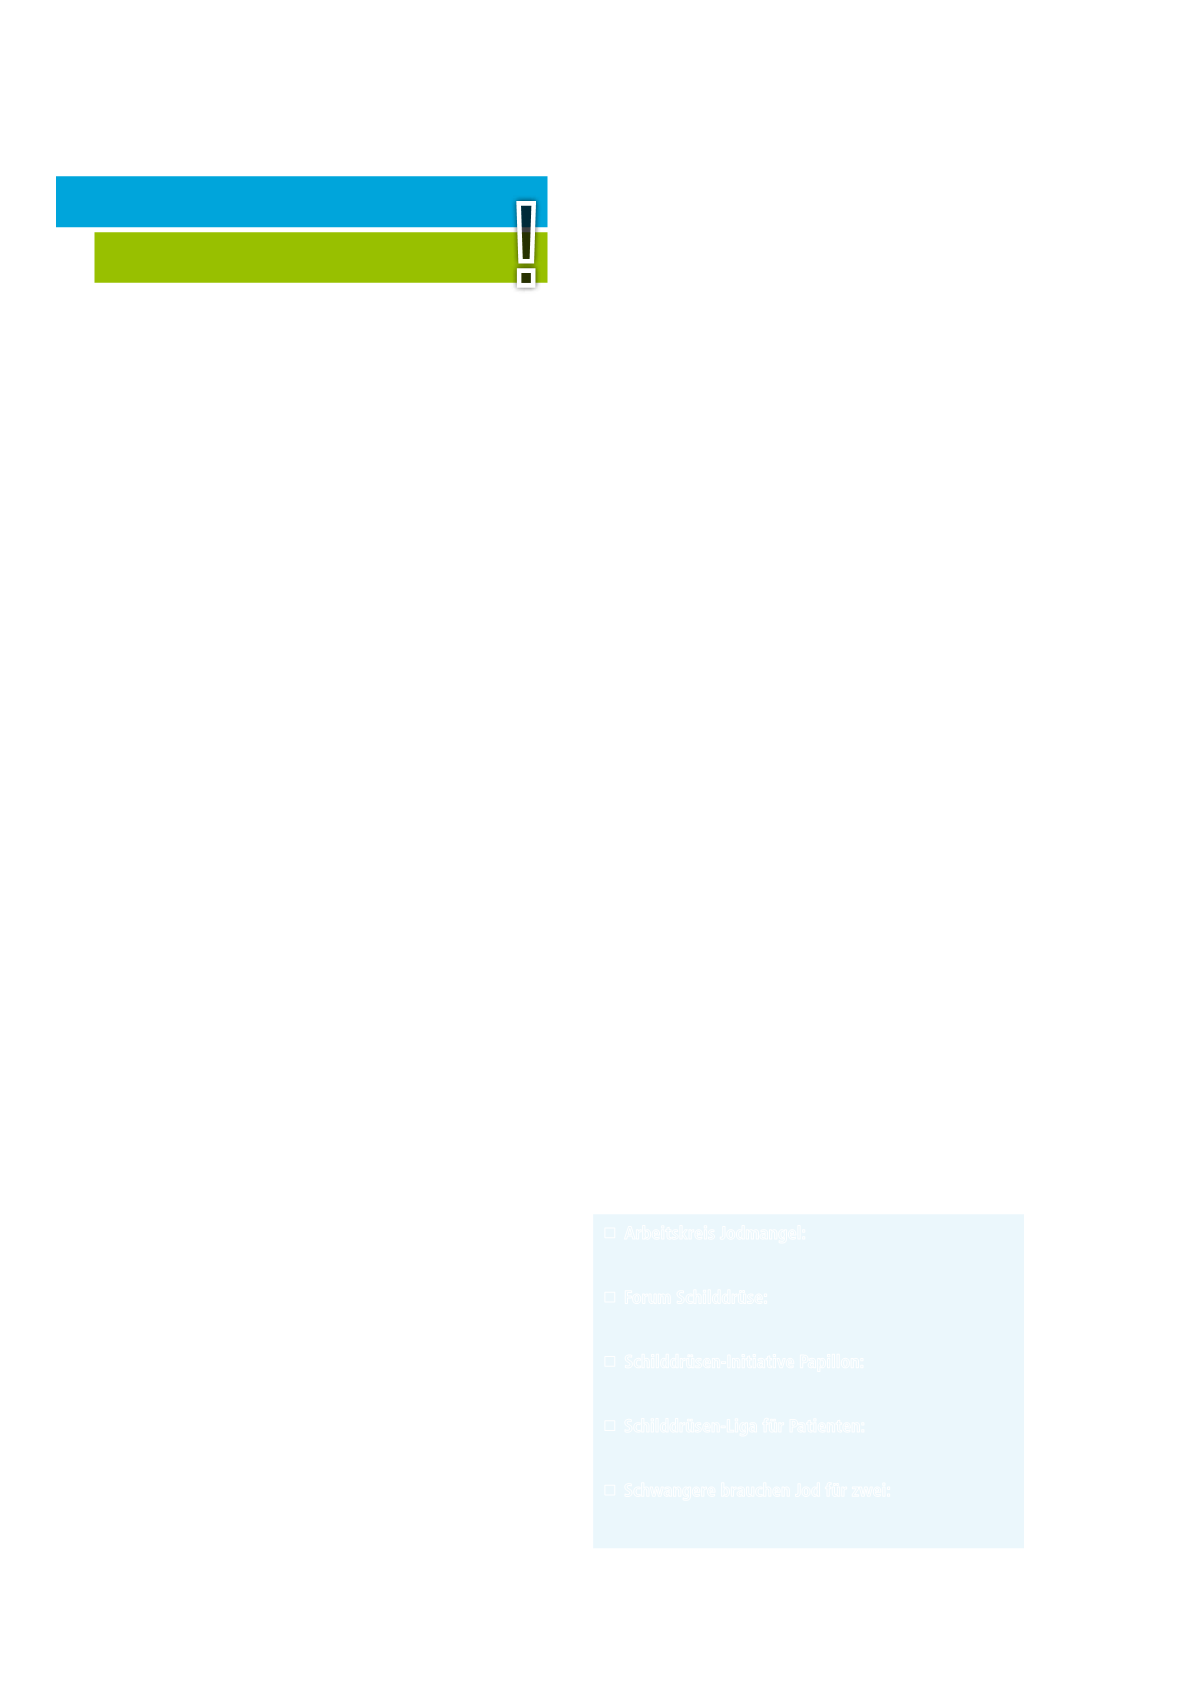 Broschüre Jod Mangel Und Jodversorgung In Deutschland